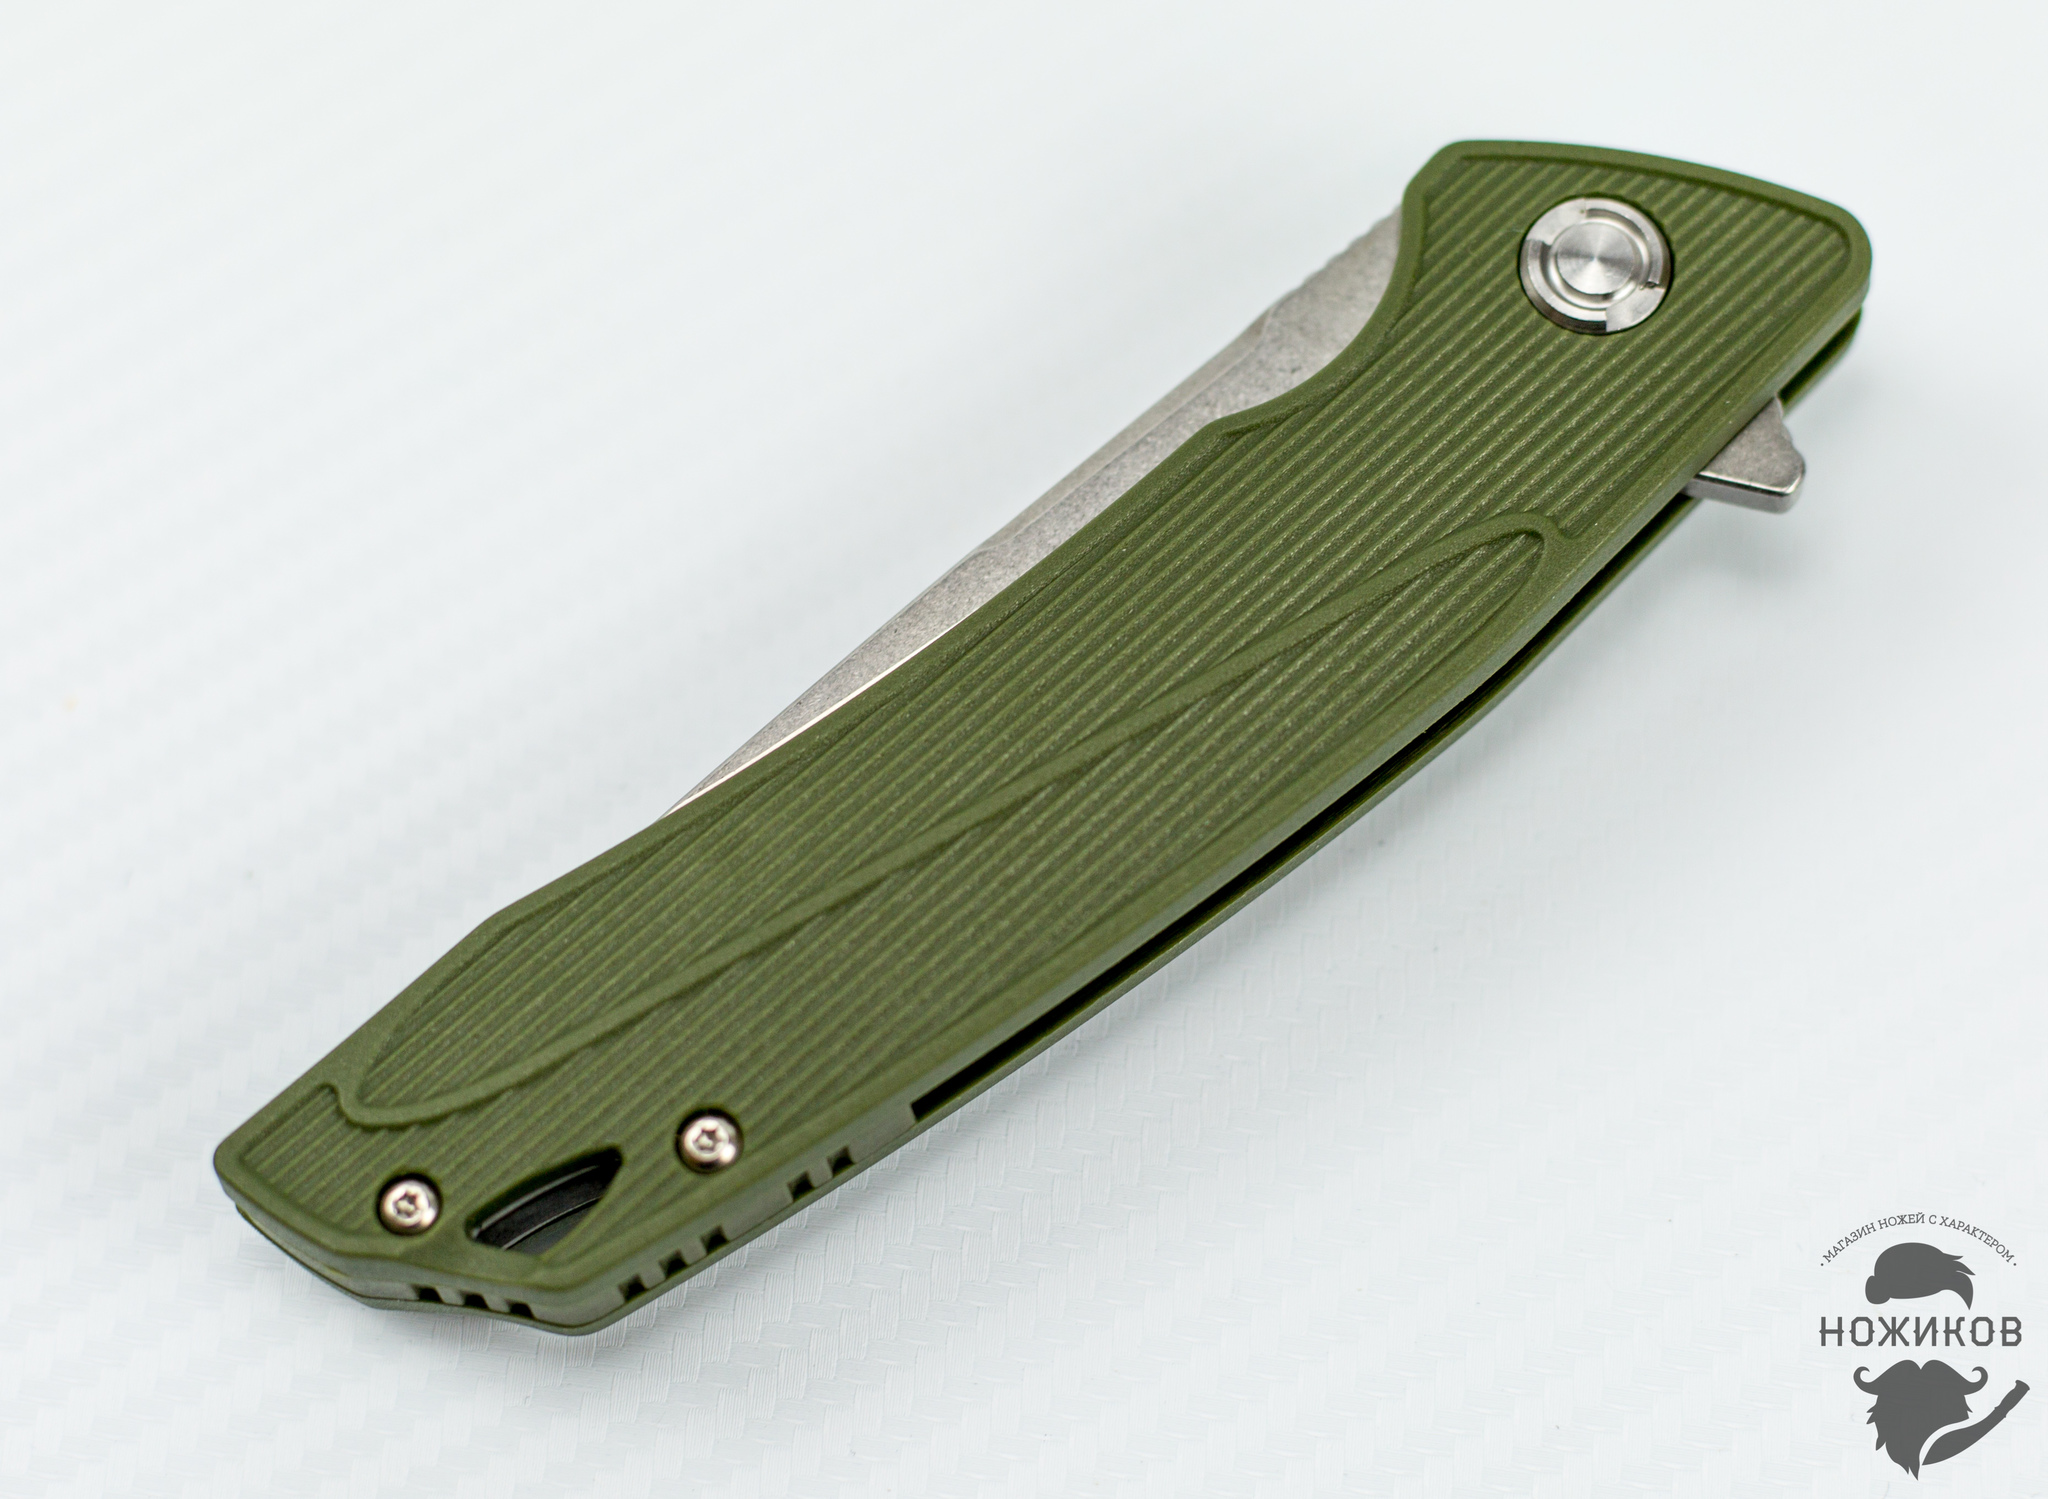 Фото 7 - Складной нож Bestech Spike BG09B-2, сталь Sandvik 12C27 от Bestech Knives